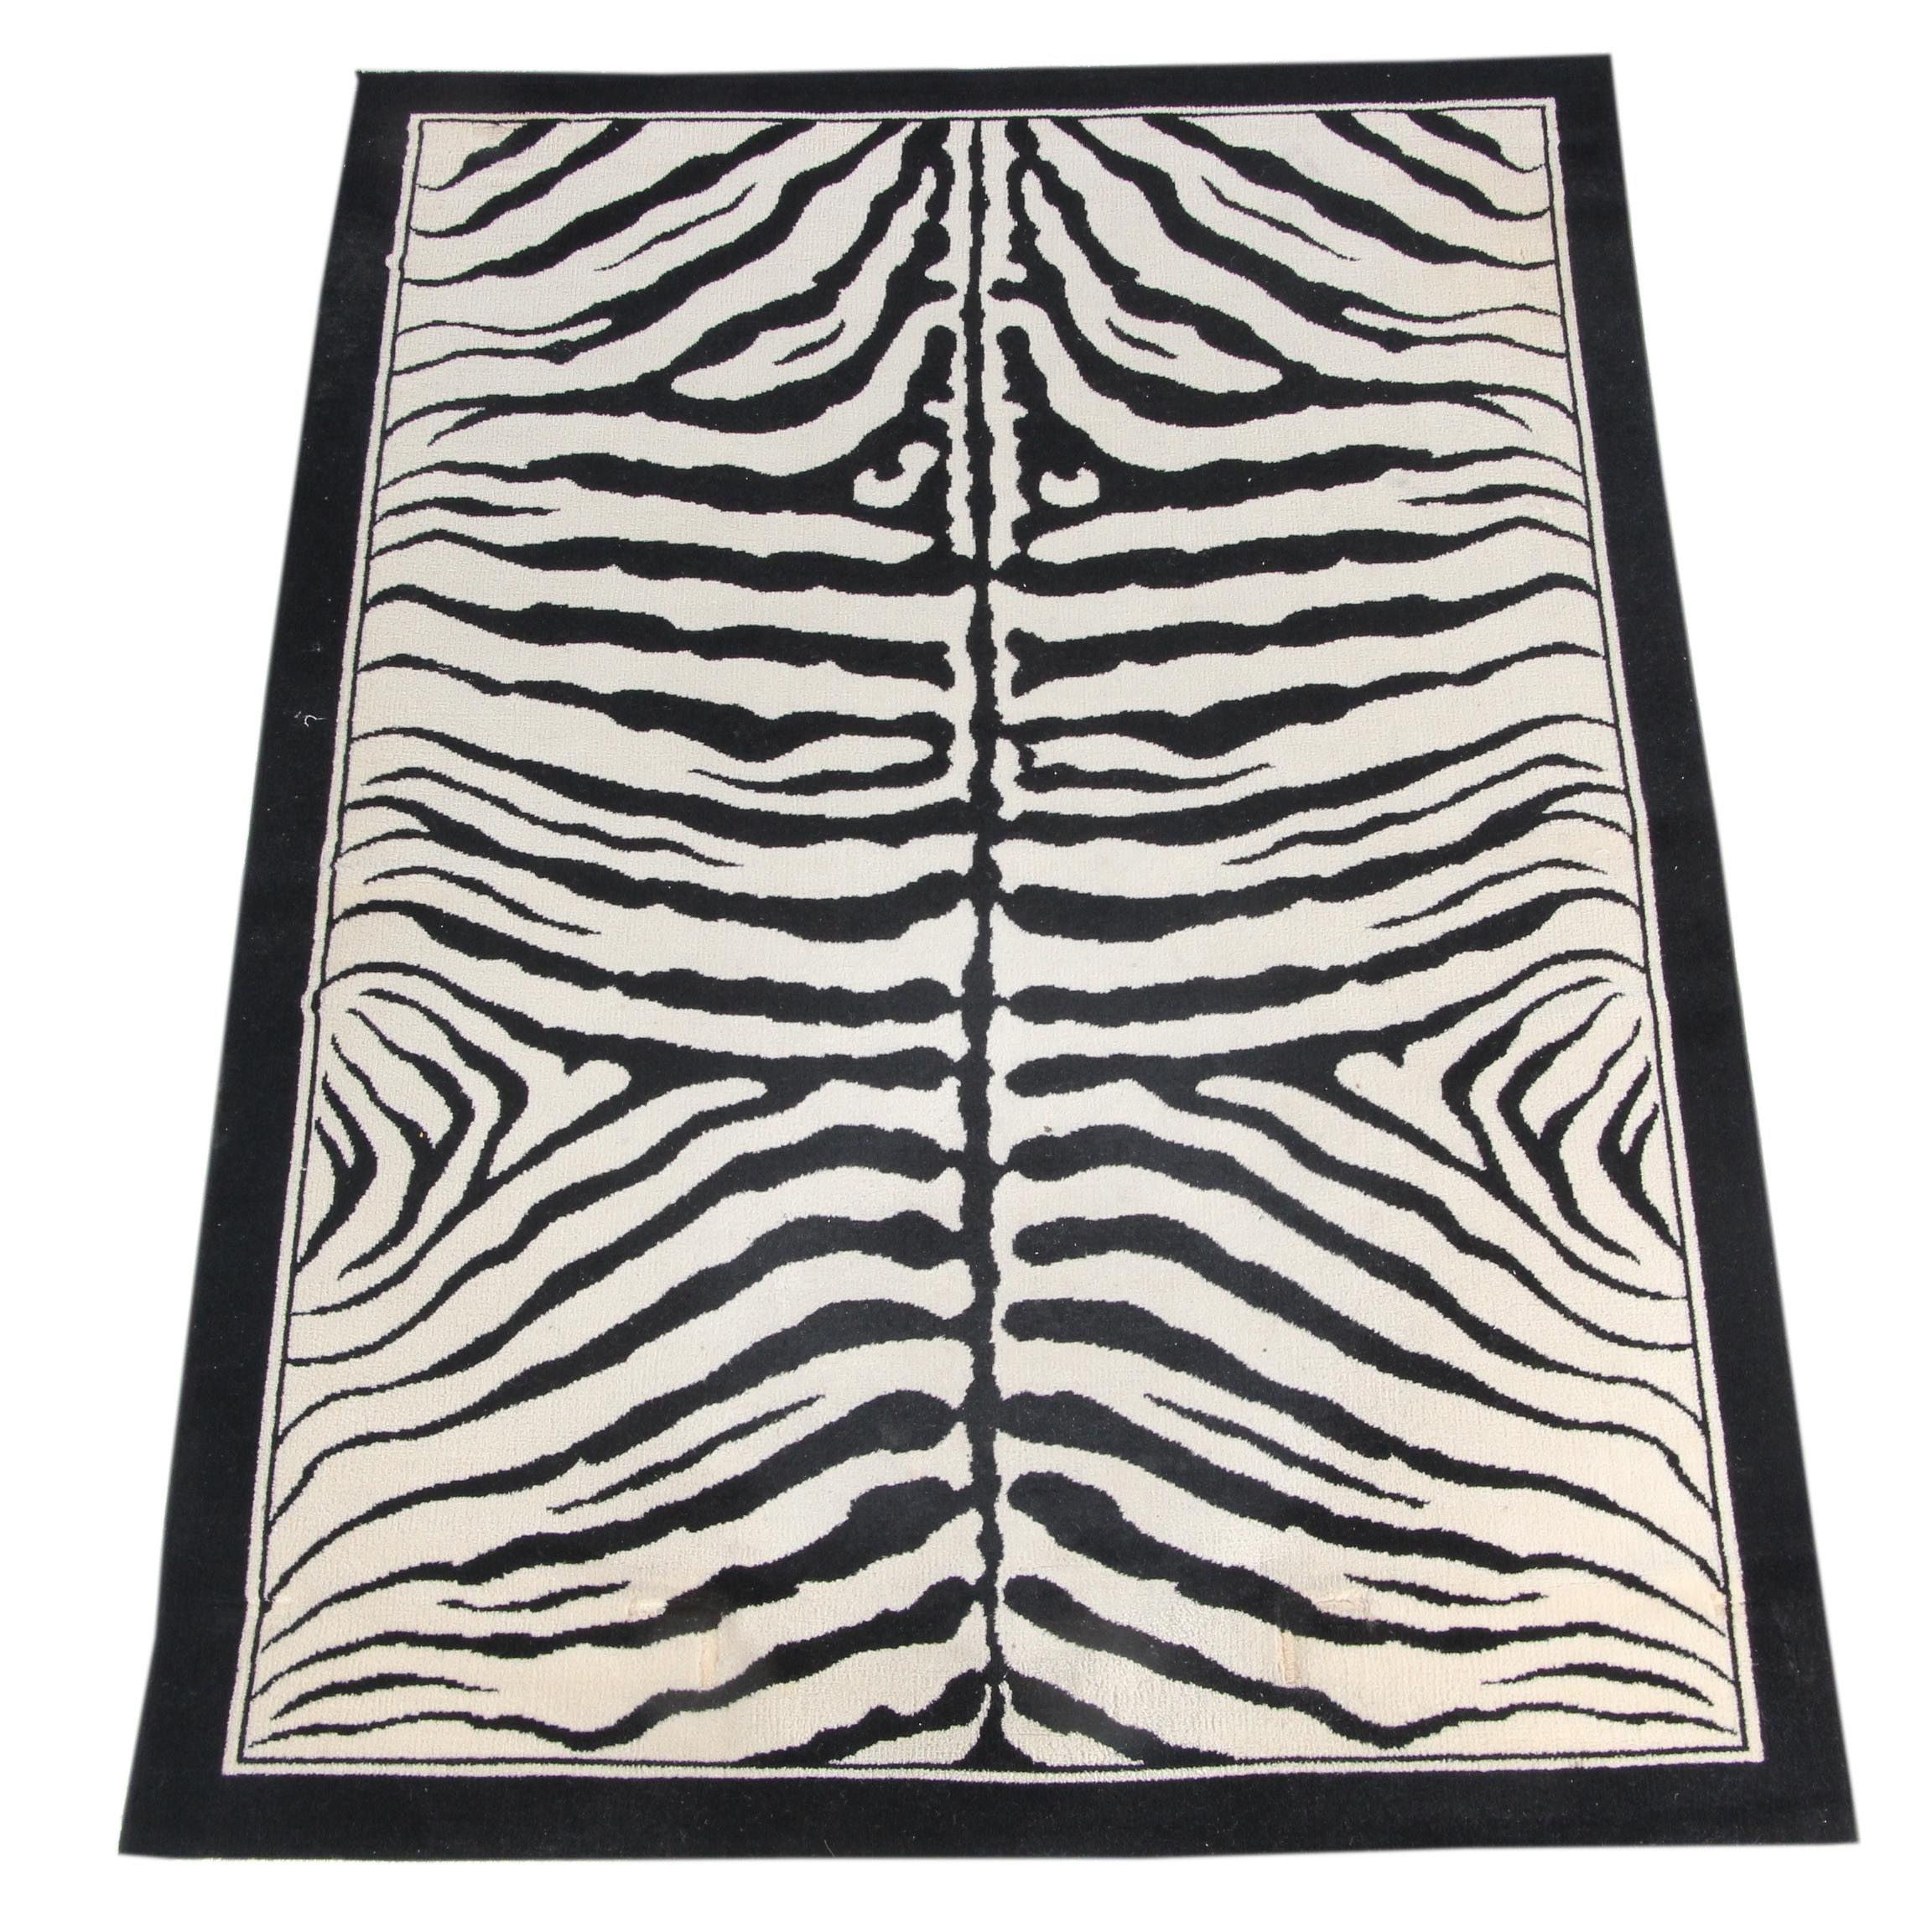 Power-Loomed Zebra Pattern Wool Area Rug